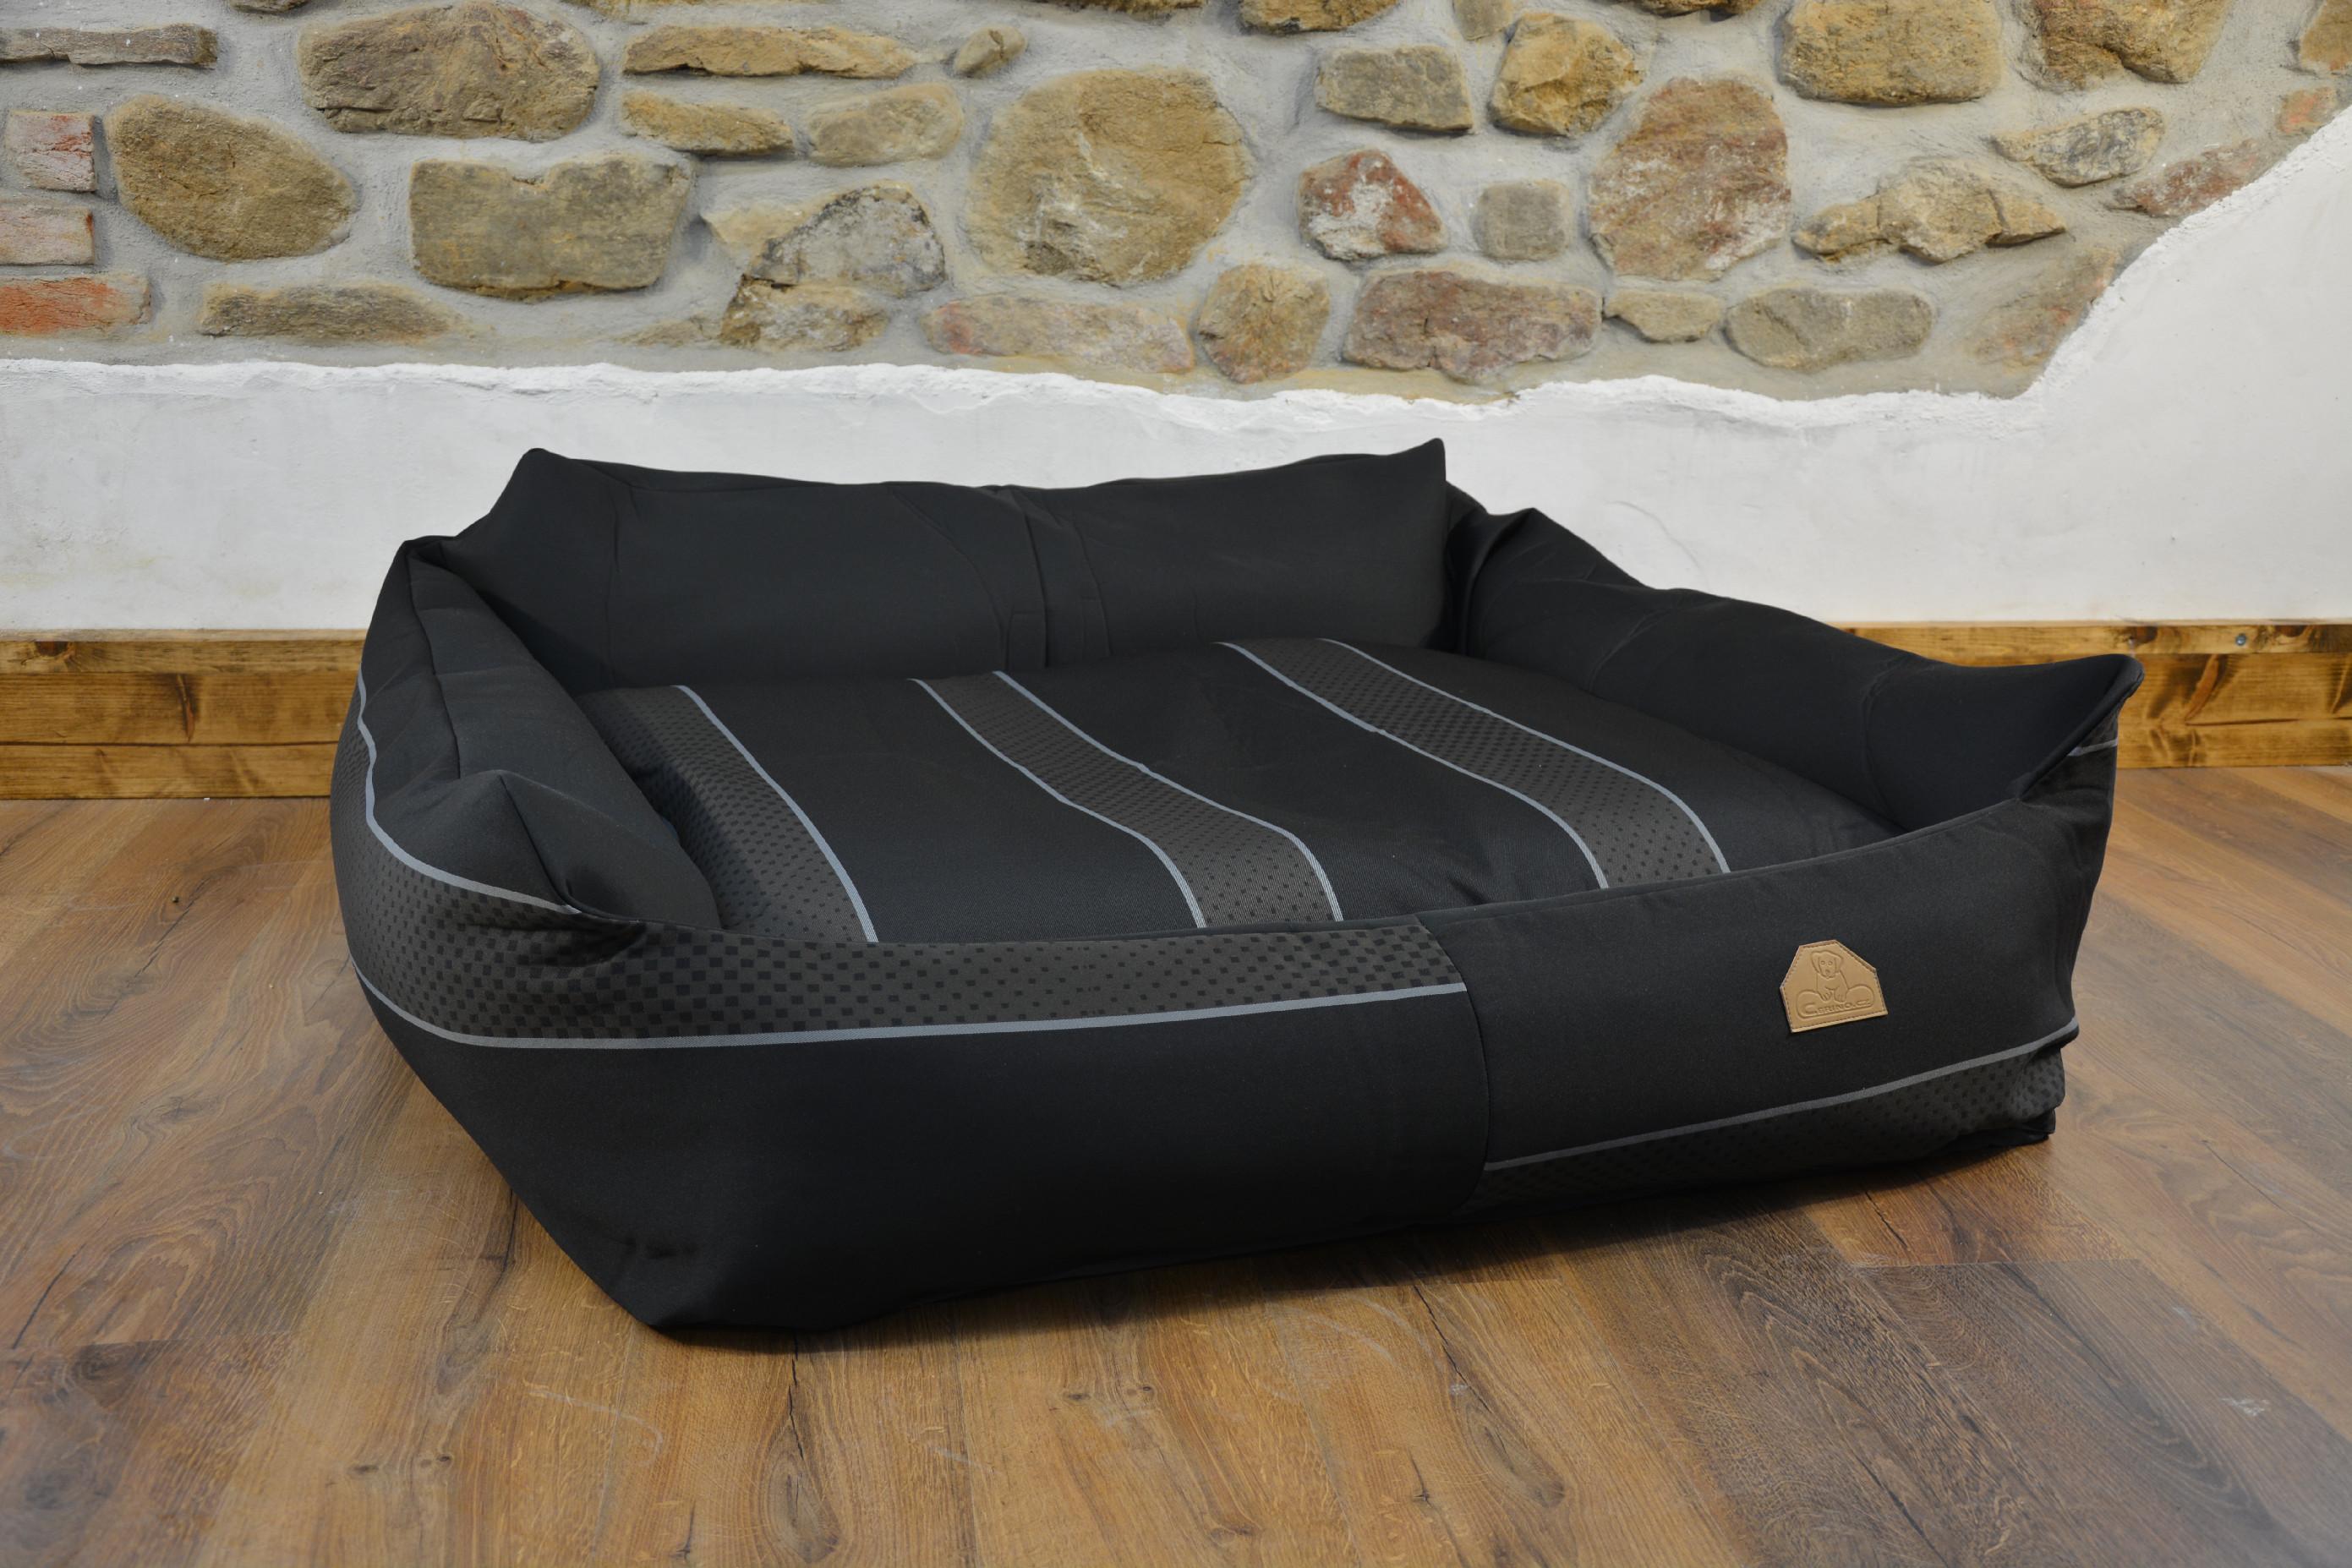 Křeslo Imola M ORCA -  černá pruhovaná 125x115x15cm